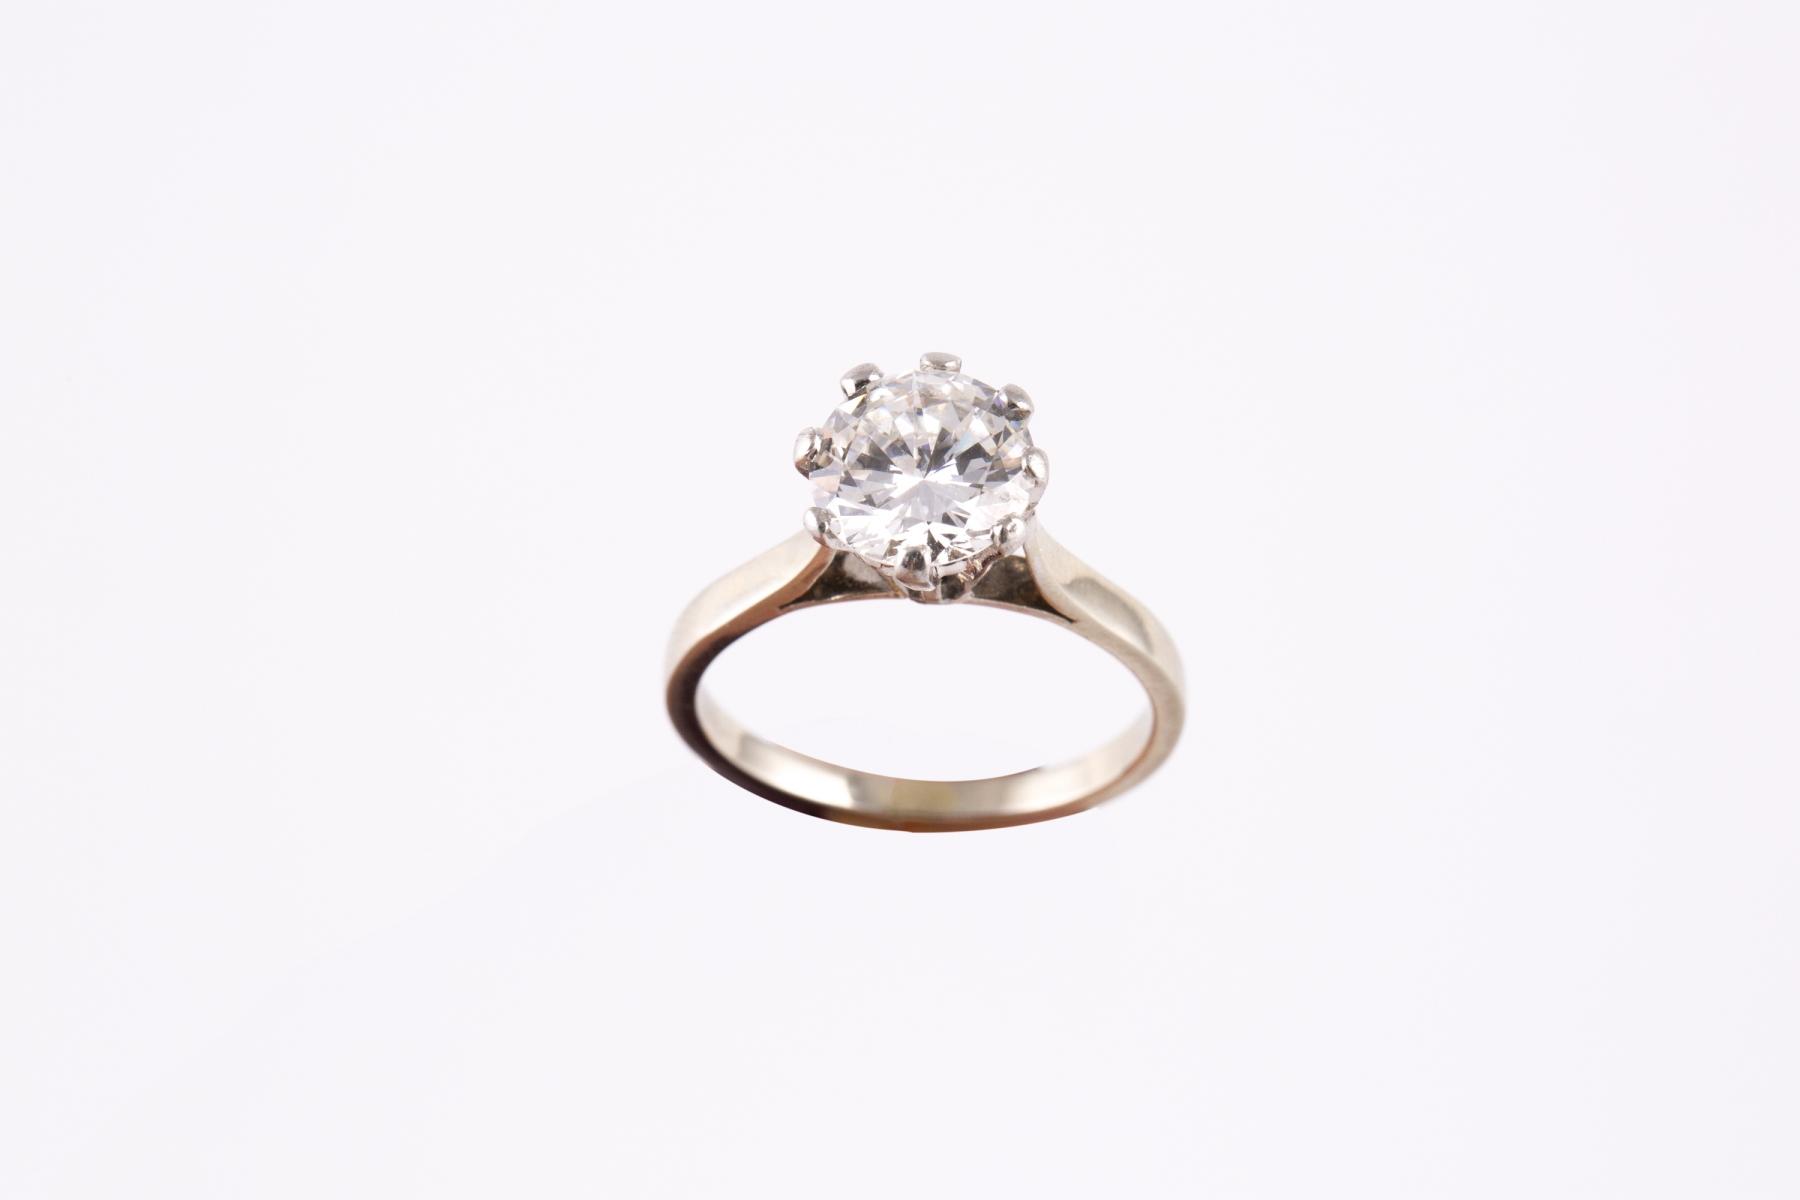 164- Bague solitaire en or blanc et platine sertie d'un diamant d'environ 1,5cts. Adjugé 6000€